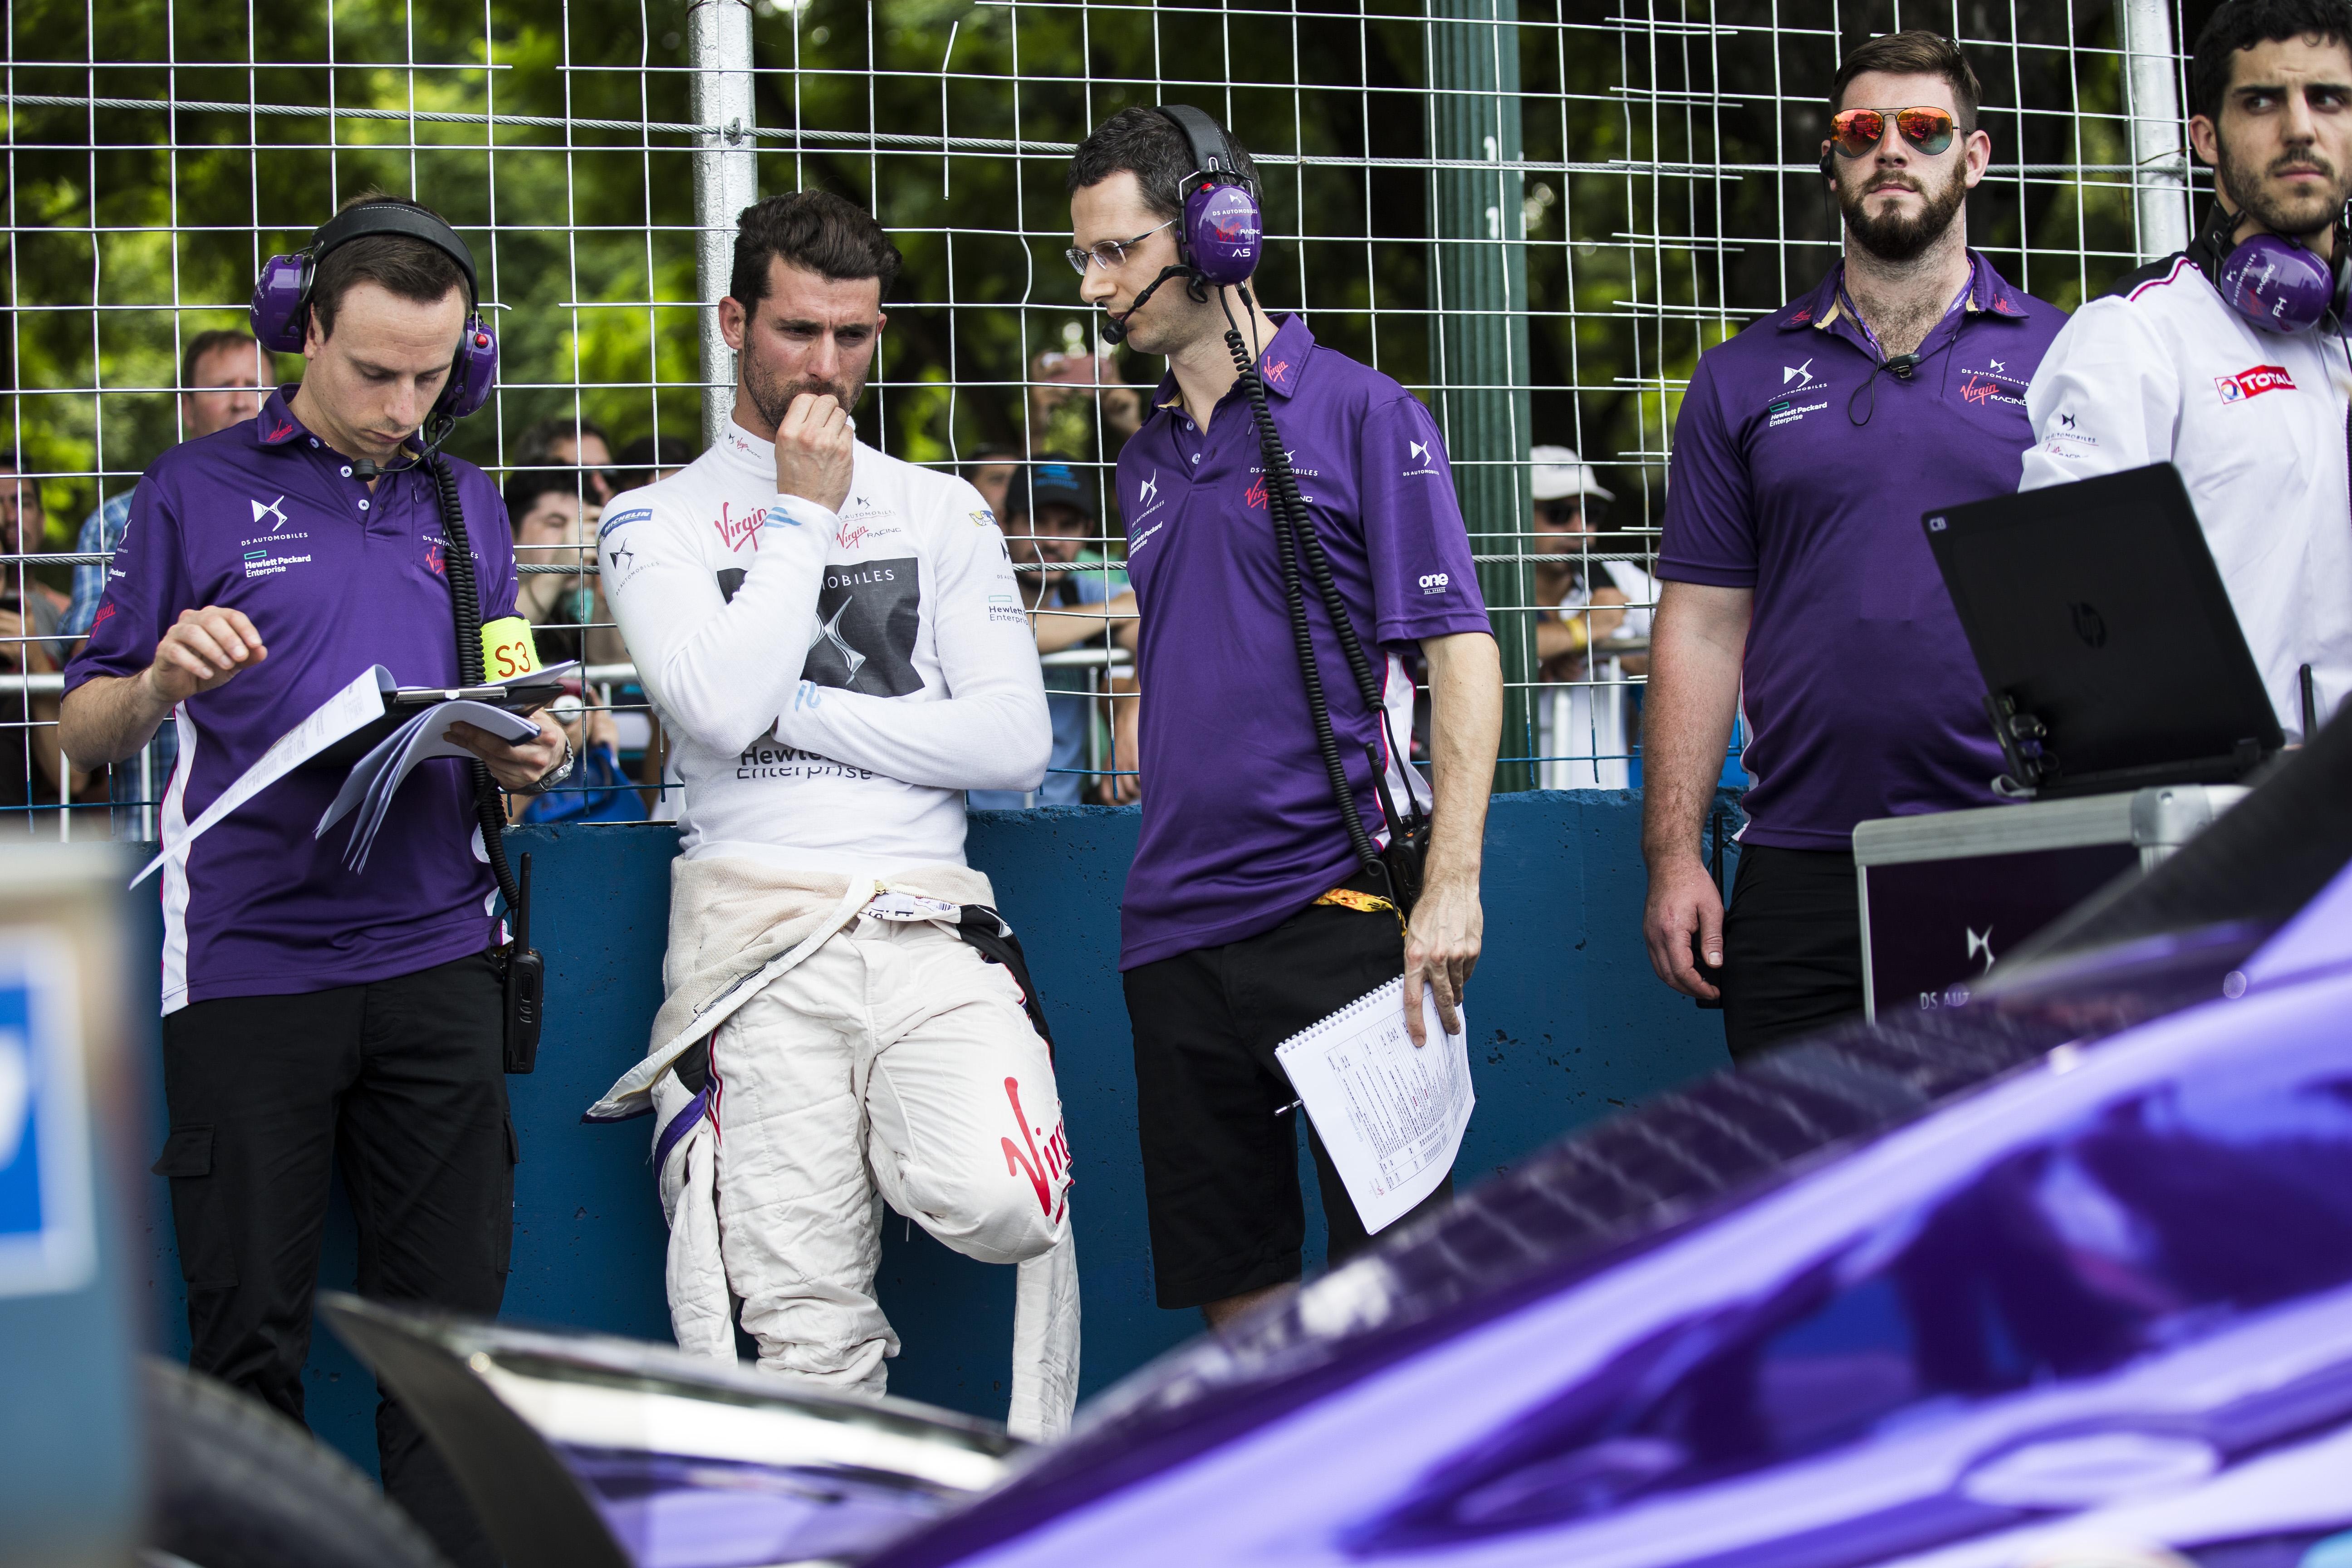 Buenos Aires ePrix Formula E 2017